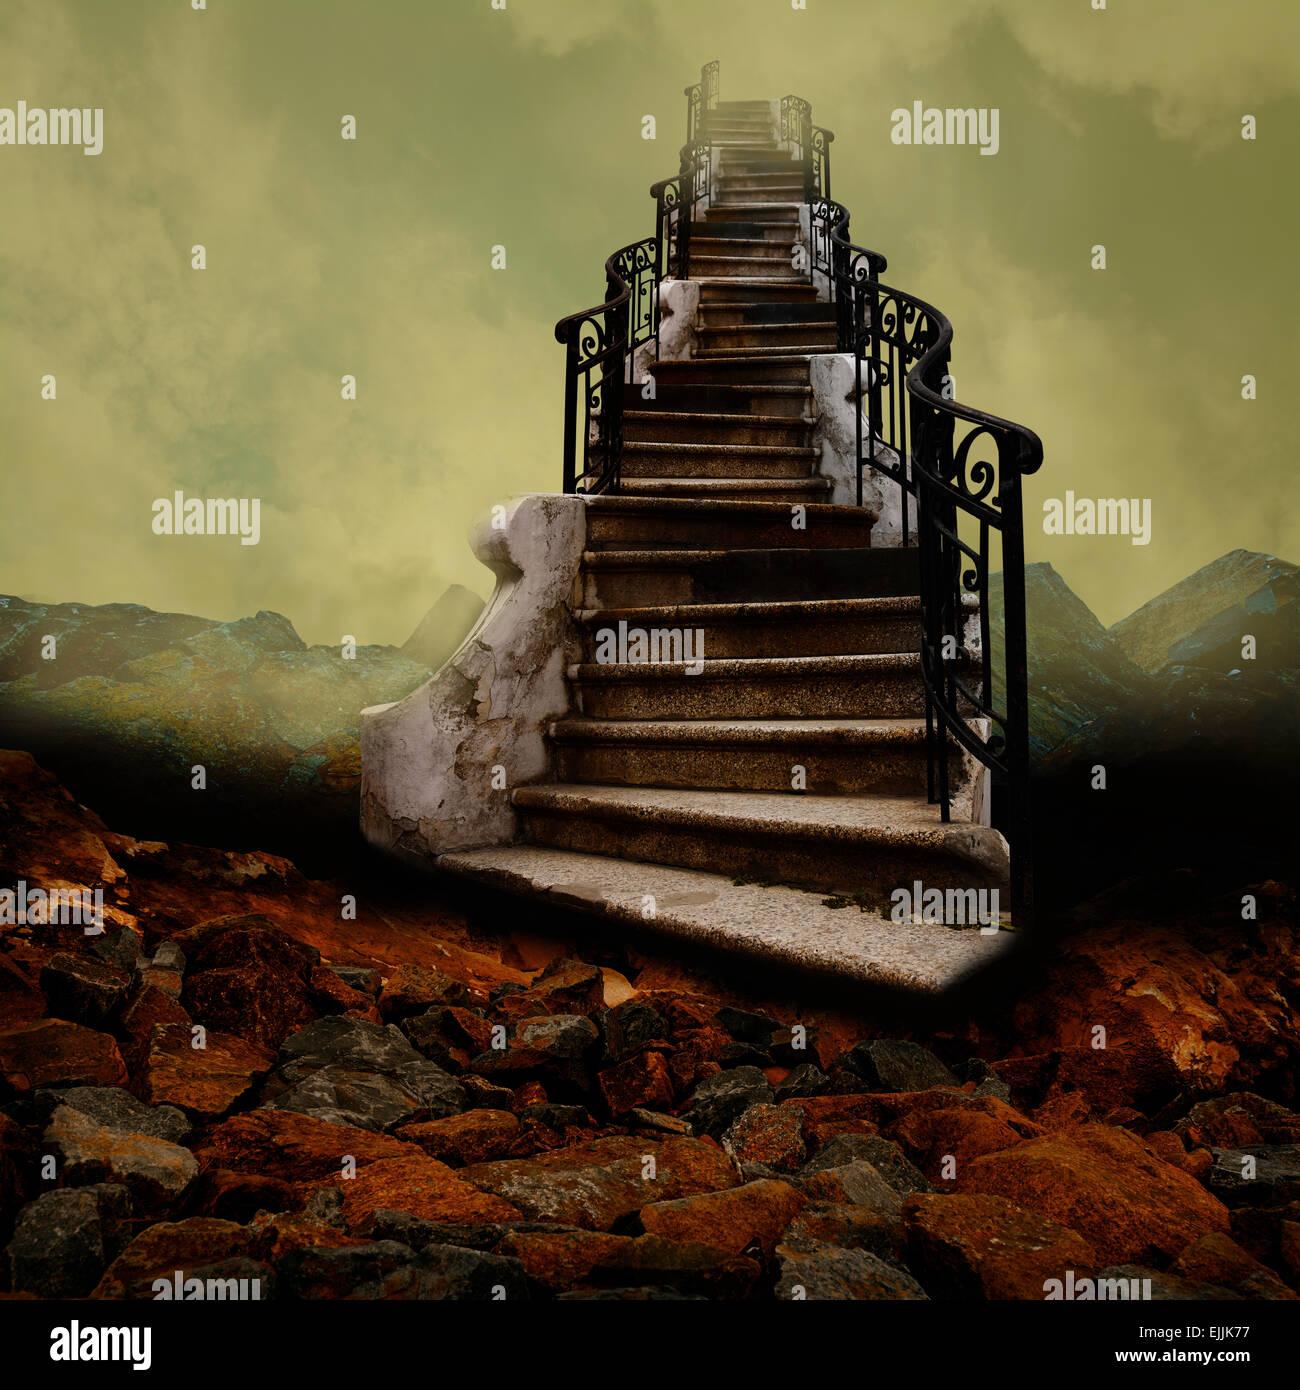 Escalier surréaliste vers le ciel, comme une vieille peinture. Photo Stock